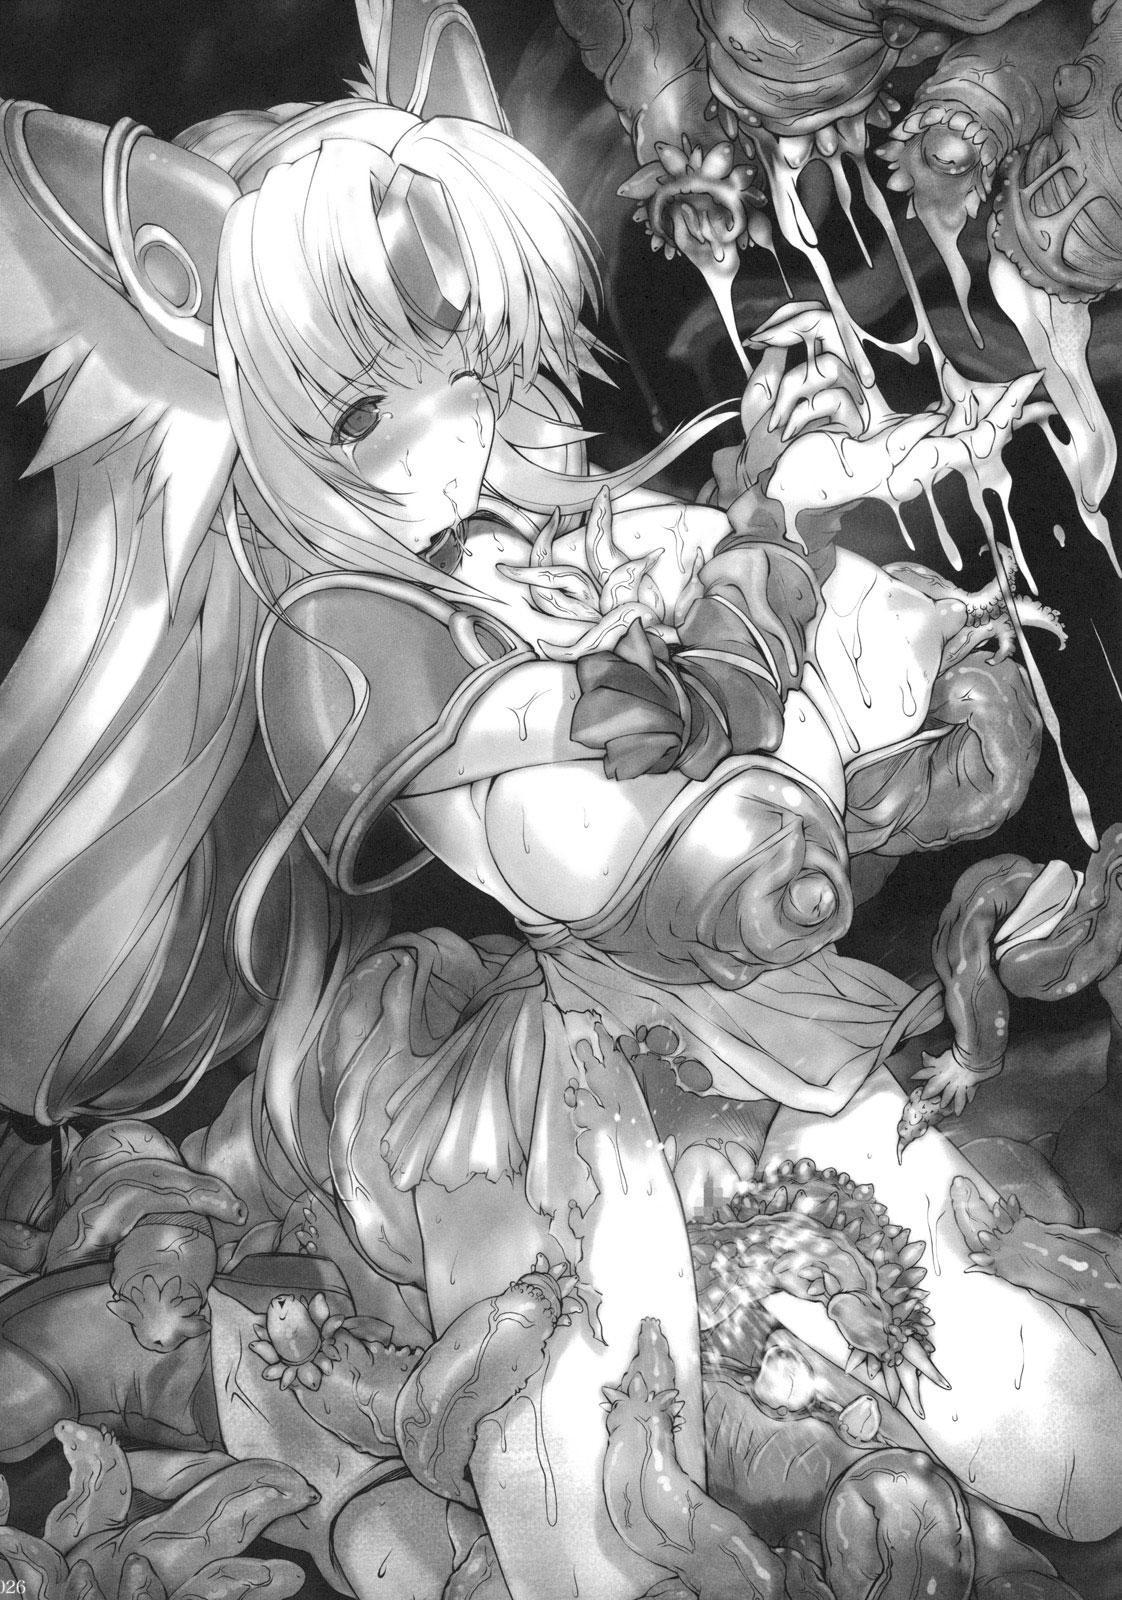 Injiru Oujo IV - Erotic Juice Princess 4 24